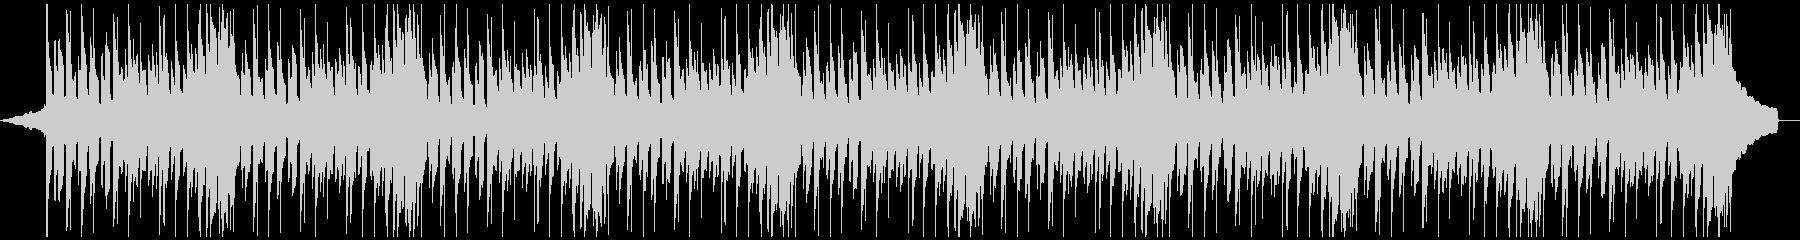 勢いのあるピアノ童謡カバーの未再生の波形